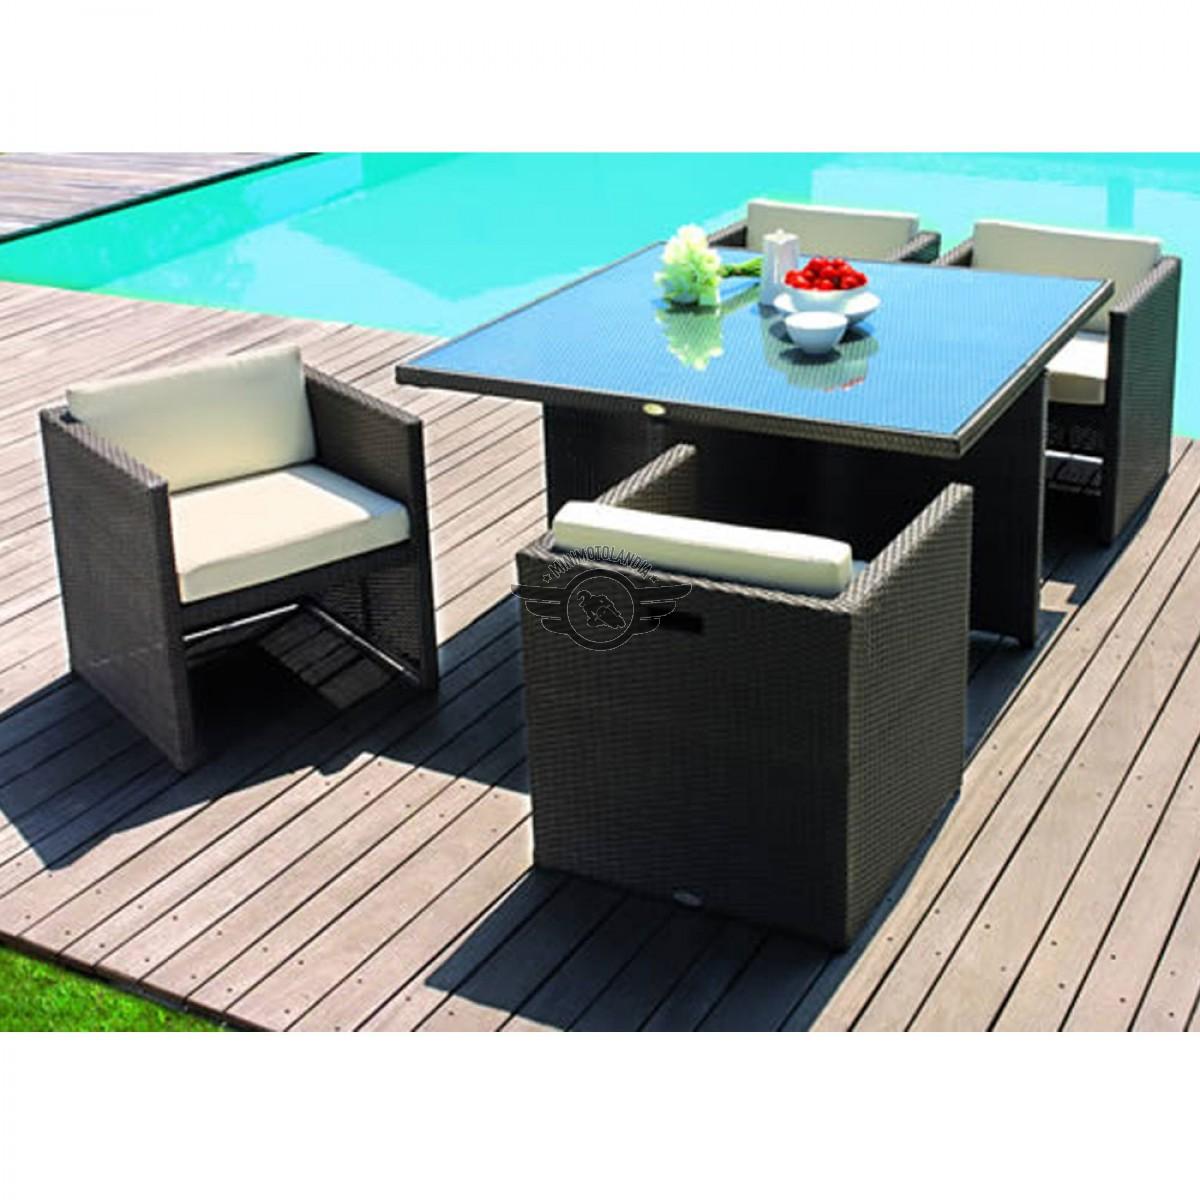 Tavolo sedie rattan sofa cubo minimotolandia - Tavolo da giardino rattan ...